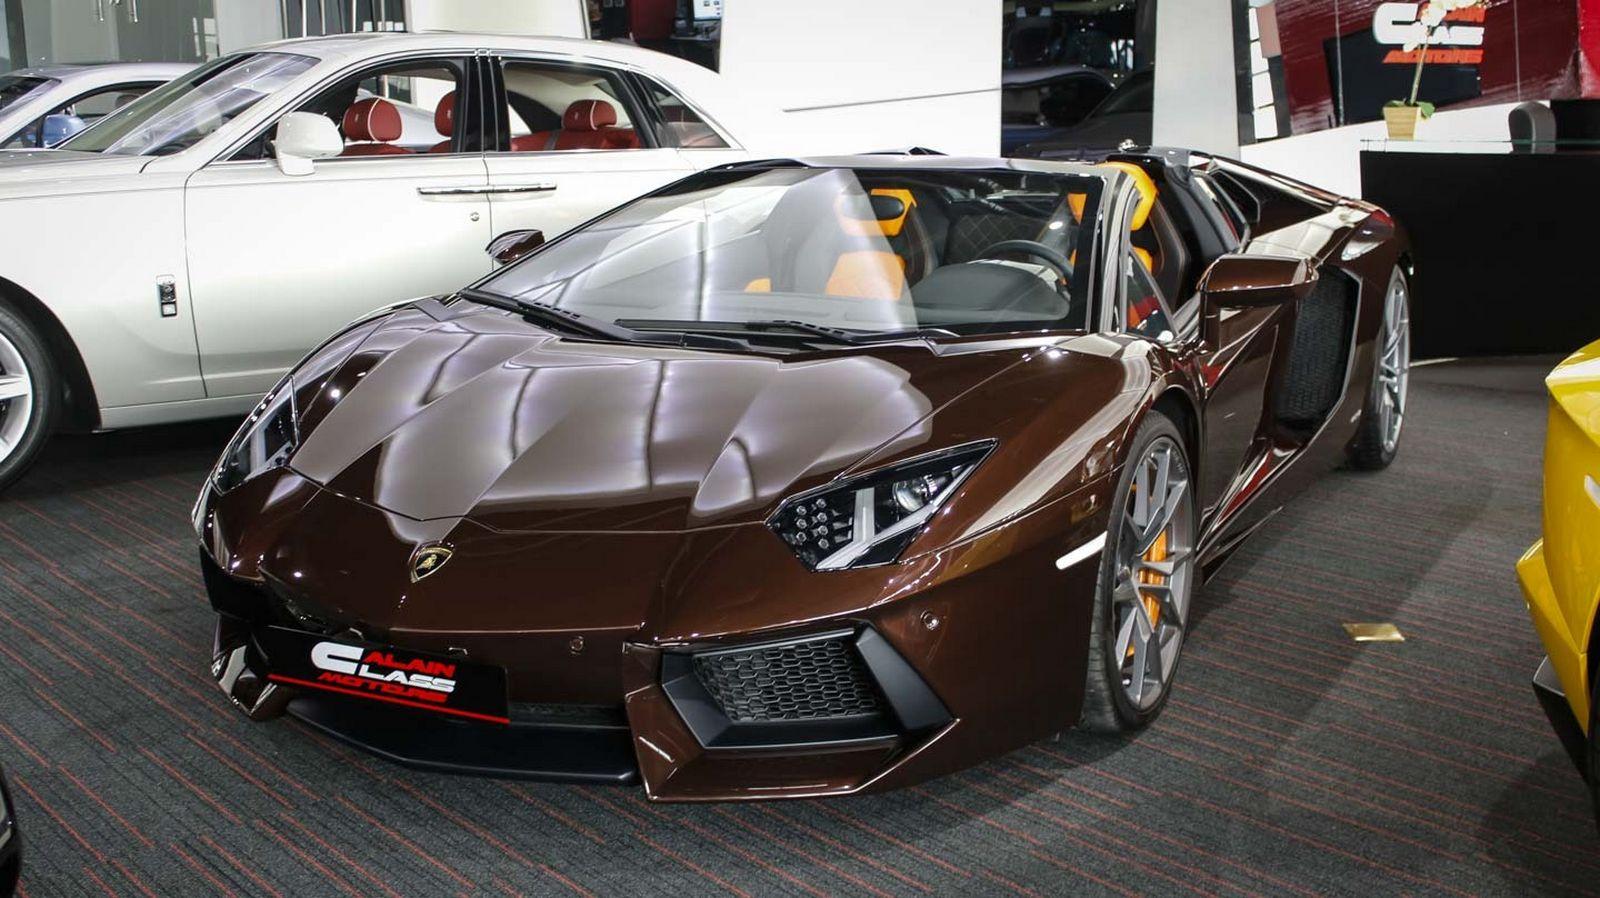 A unique chocolate brown Lamborghini Aventador is for sale in Dubai